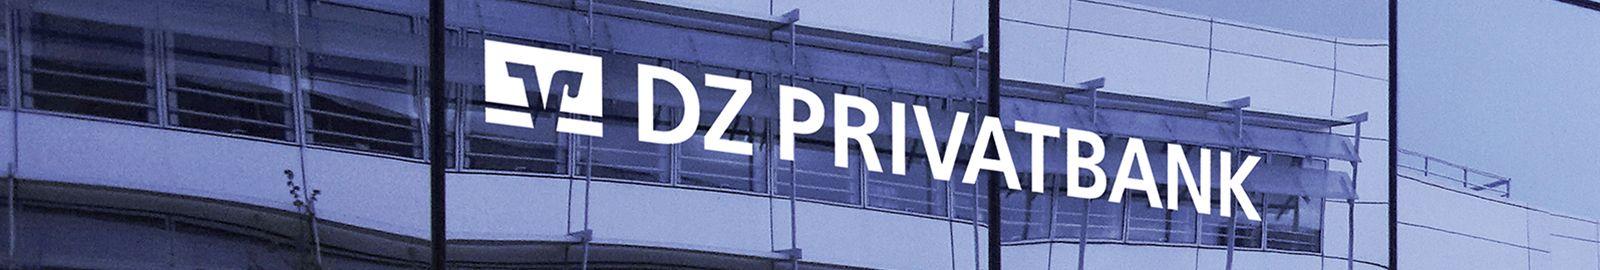 DZ PRIVATBANK